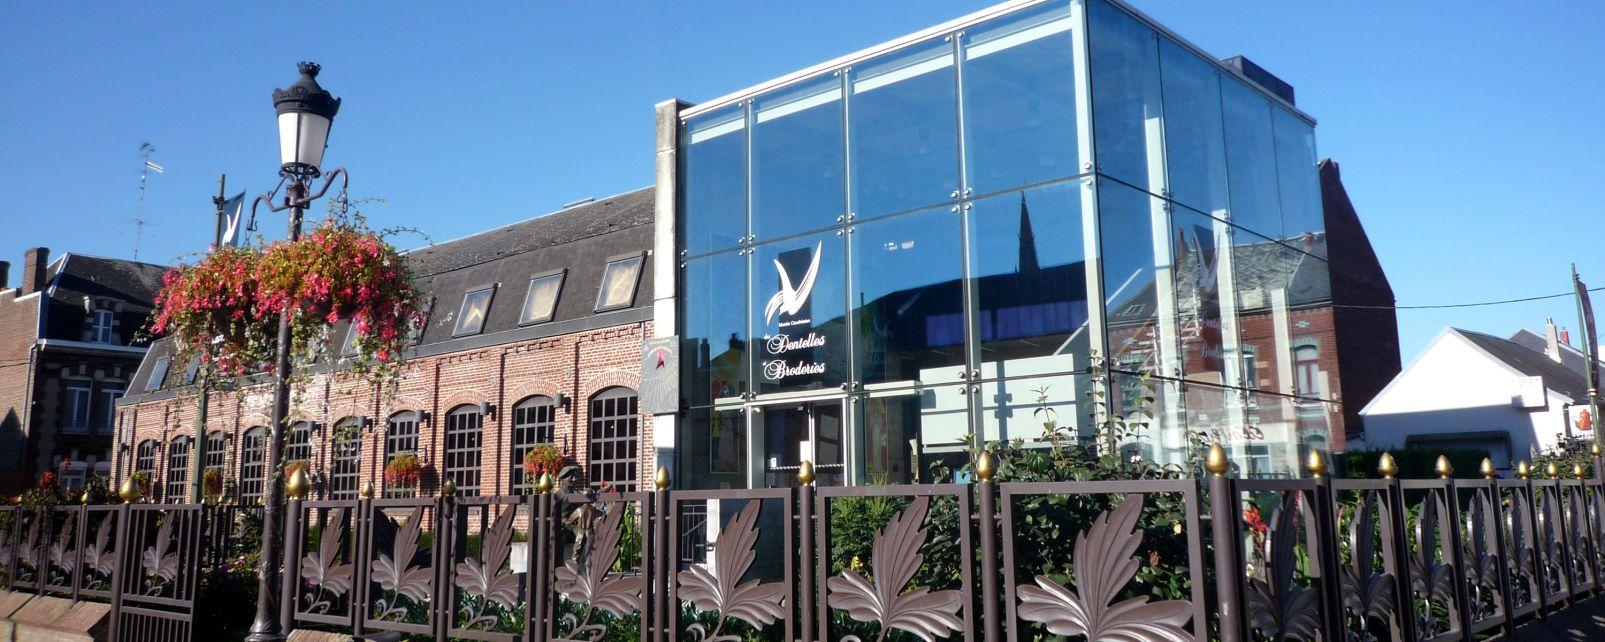 Museo del encaje de Caudry, Arte y cultura, Norte-Pas-de-Calais